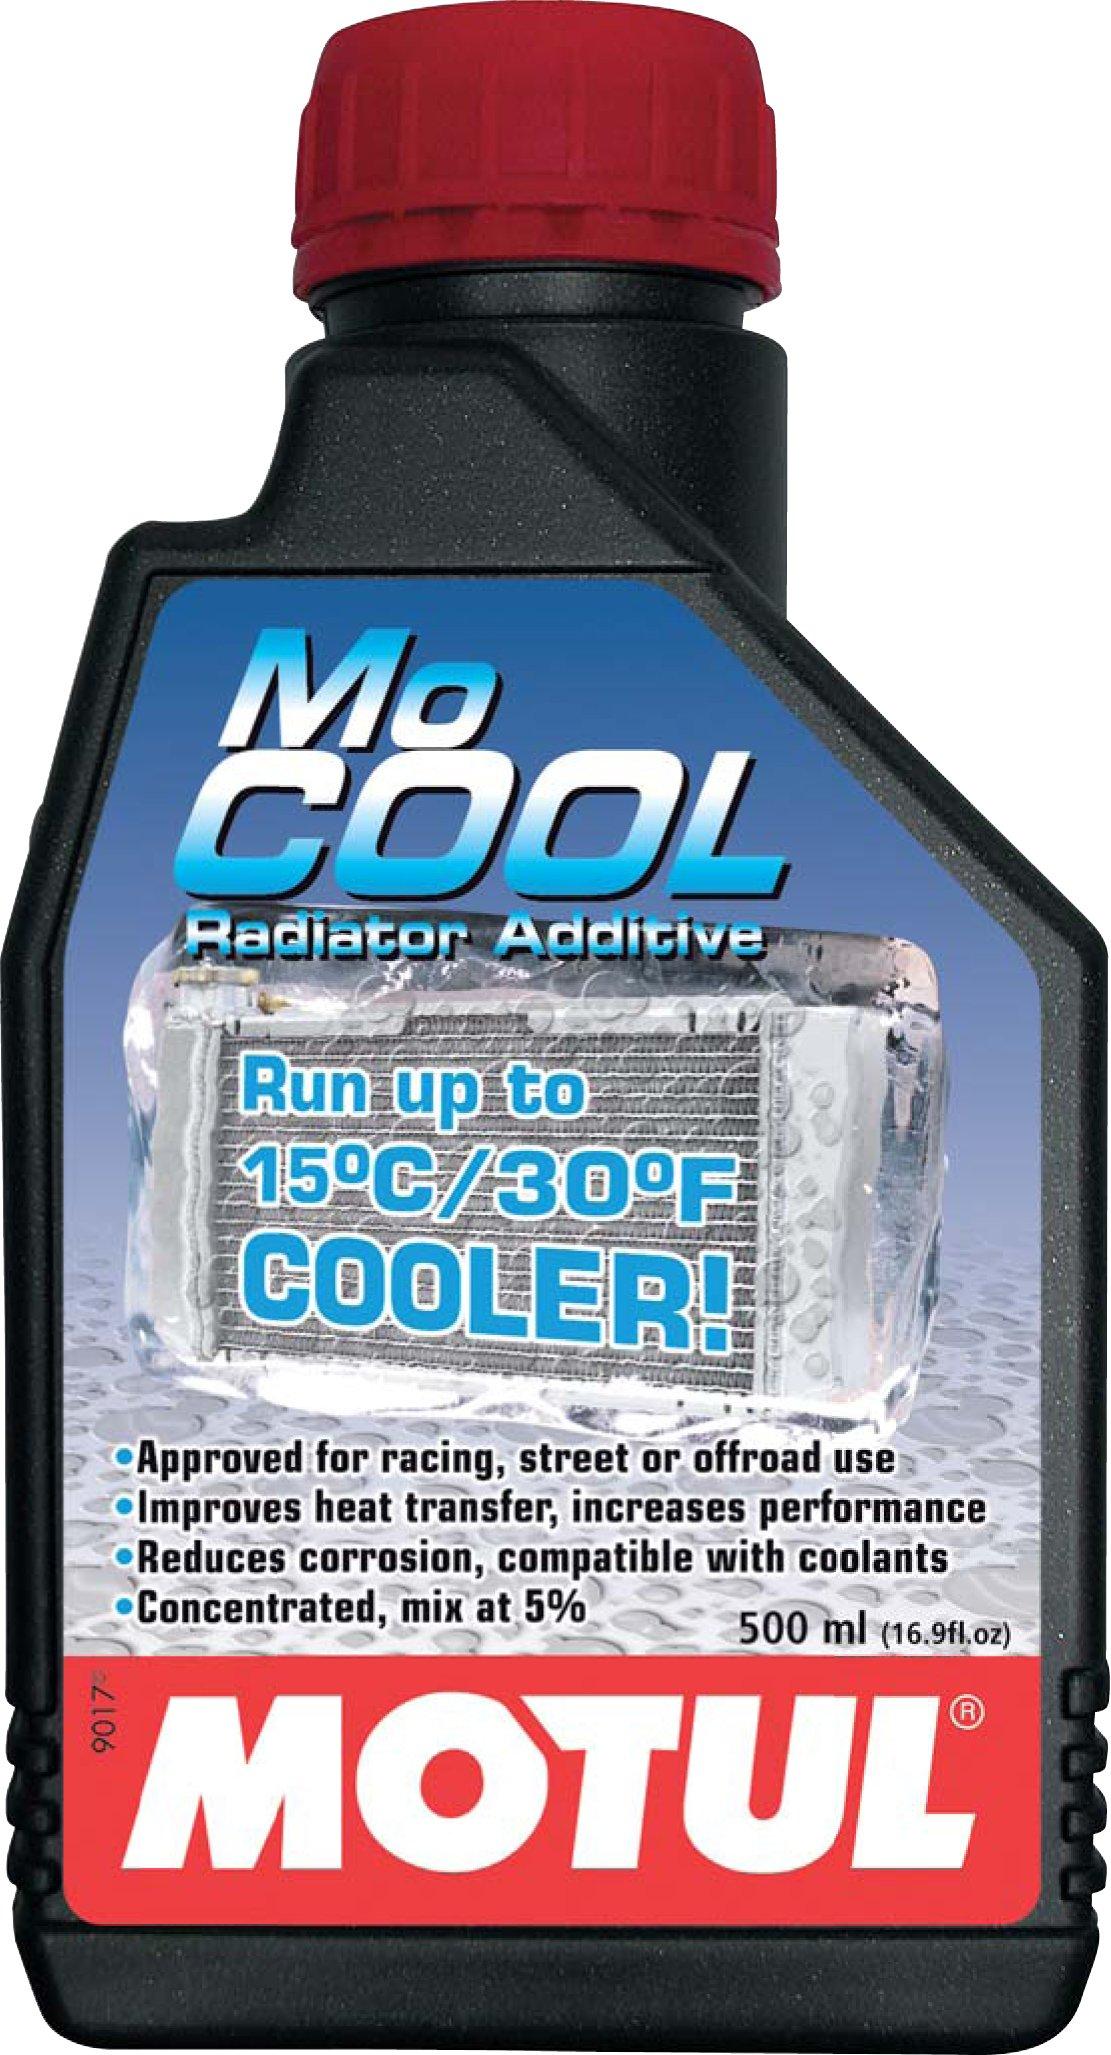 Motul MoCool (Radiator Additive) (Pack of 2)